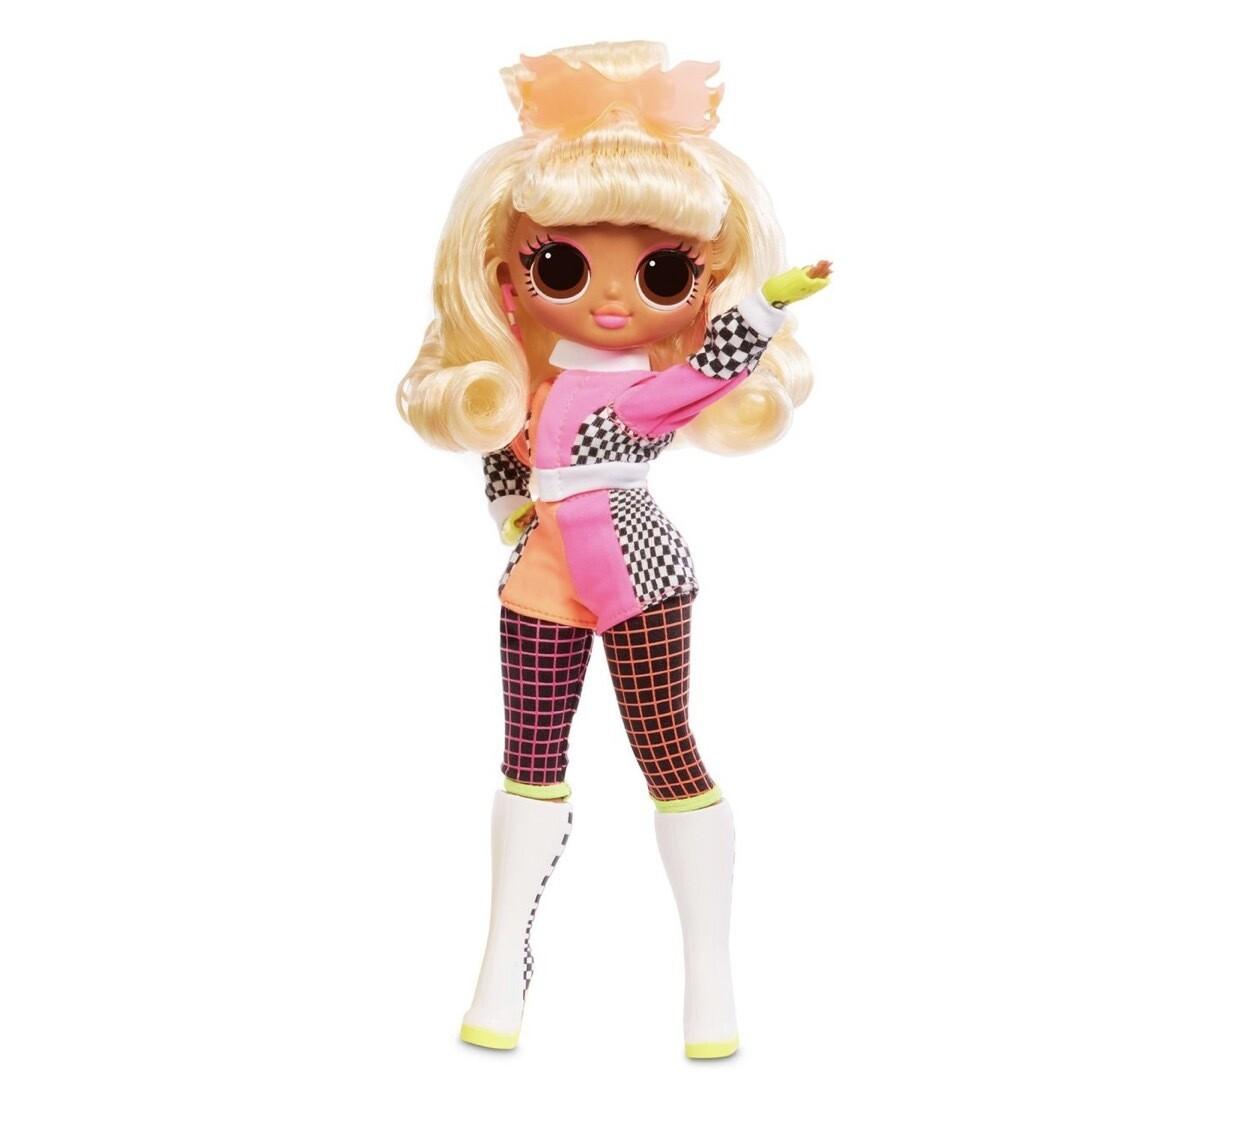 L.O.L. Surprise! O.M.G. Lights Speedster Fashion Doll